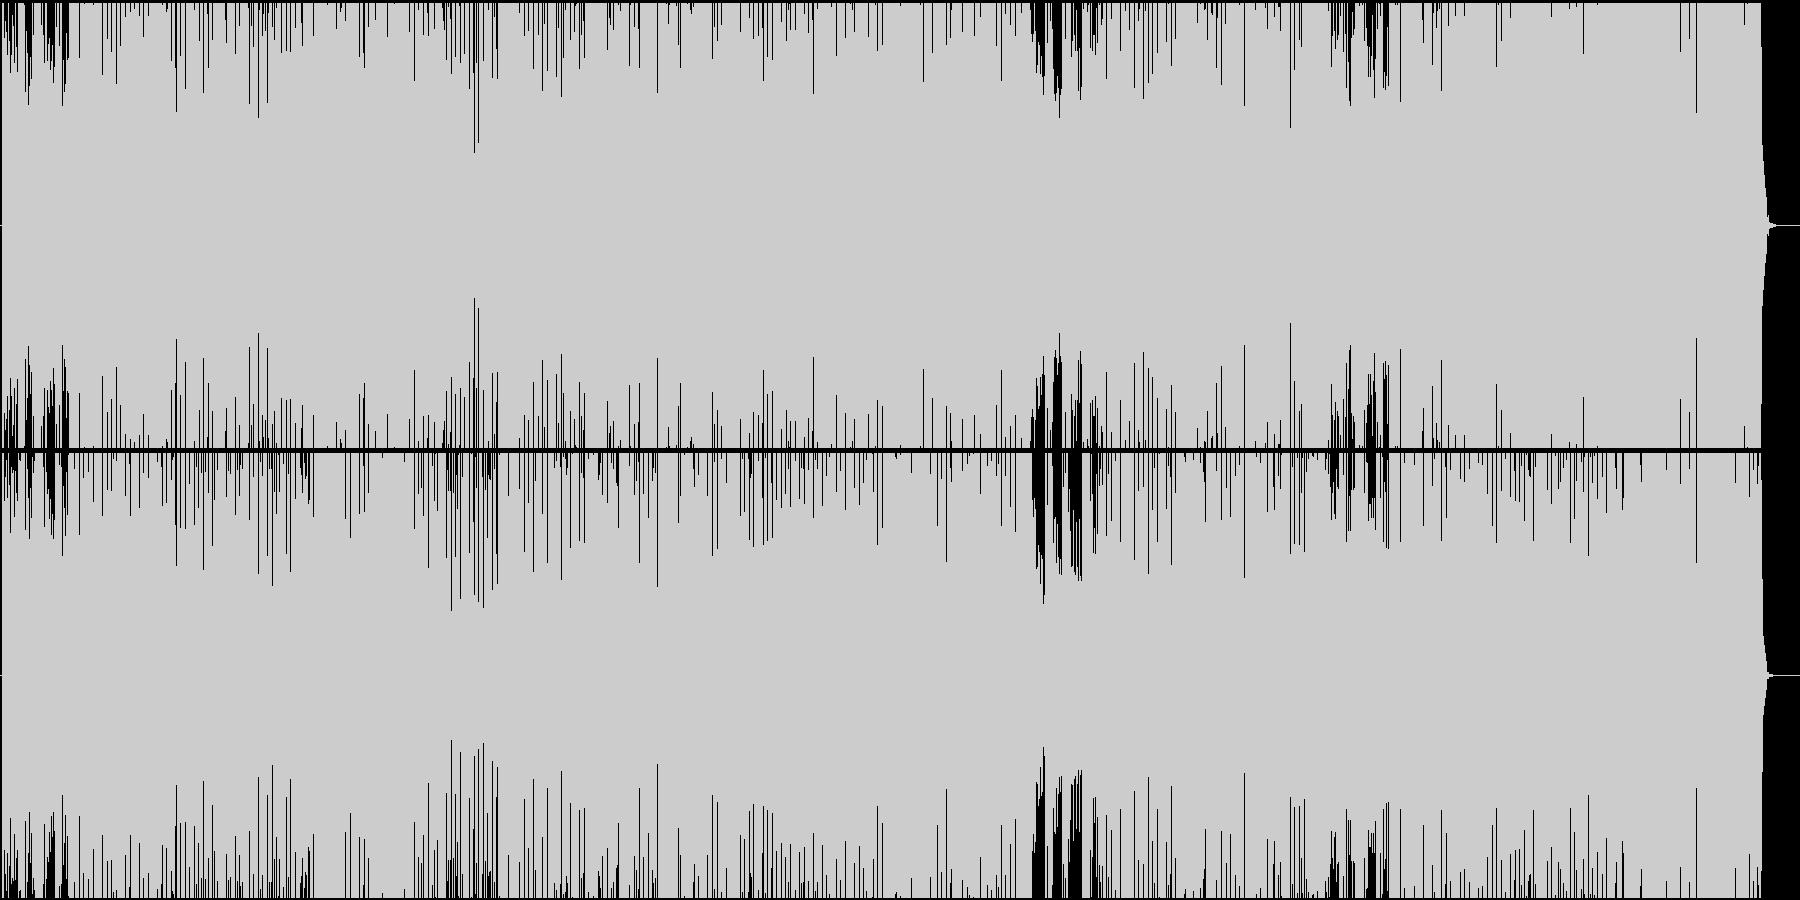 ブルース色が強い軽快なカントリー楽曲の未再生の波形